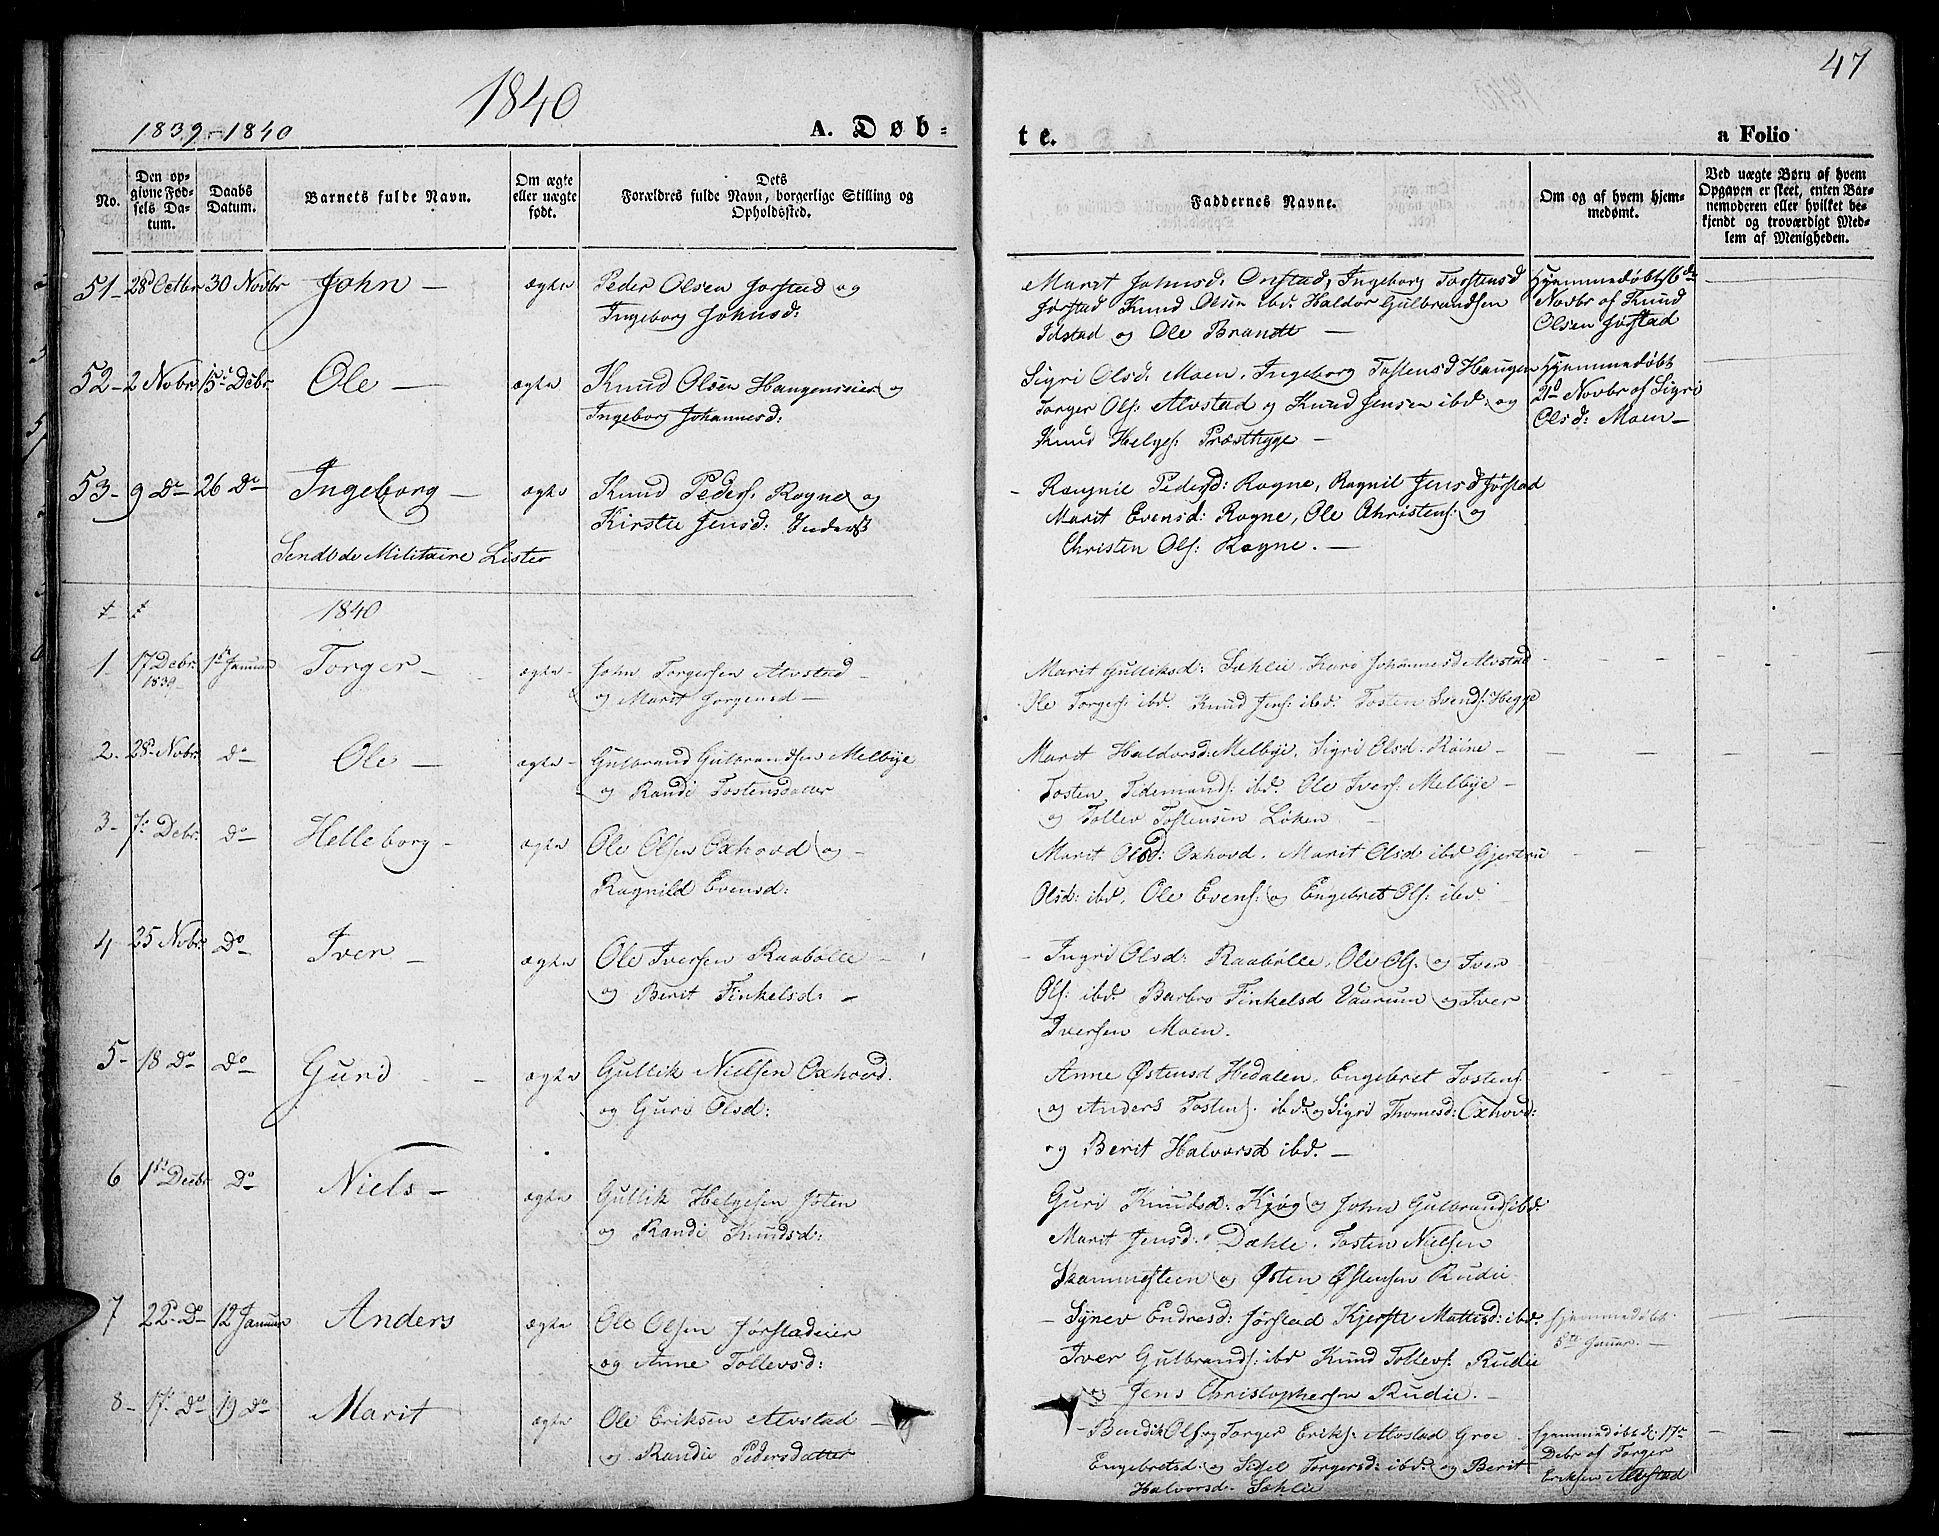 SAH, Slidre prestekontor, Ministerialbok nr. 4, 1831-1848, s. 47